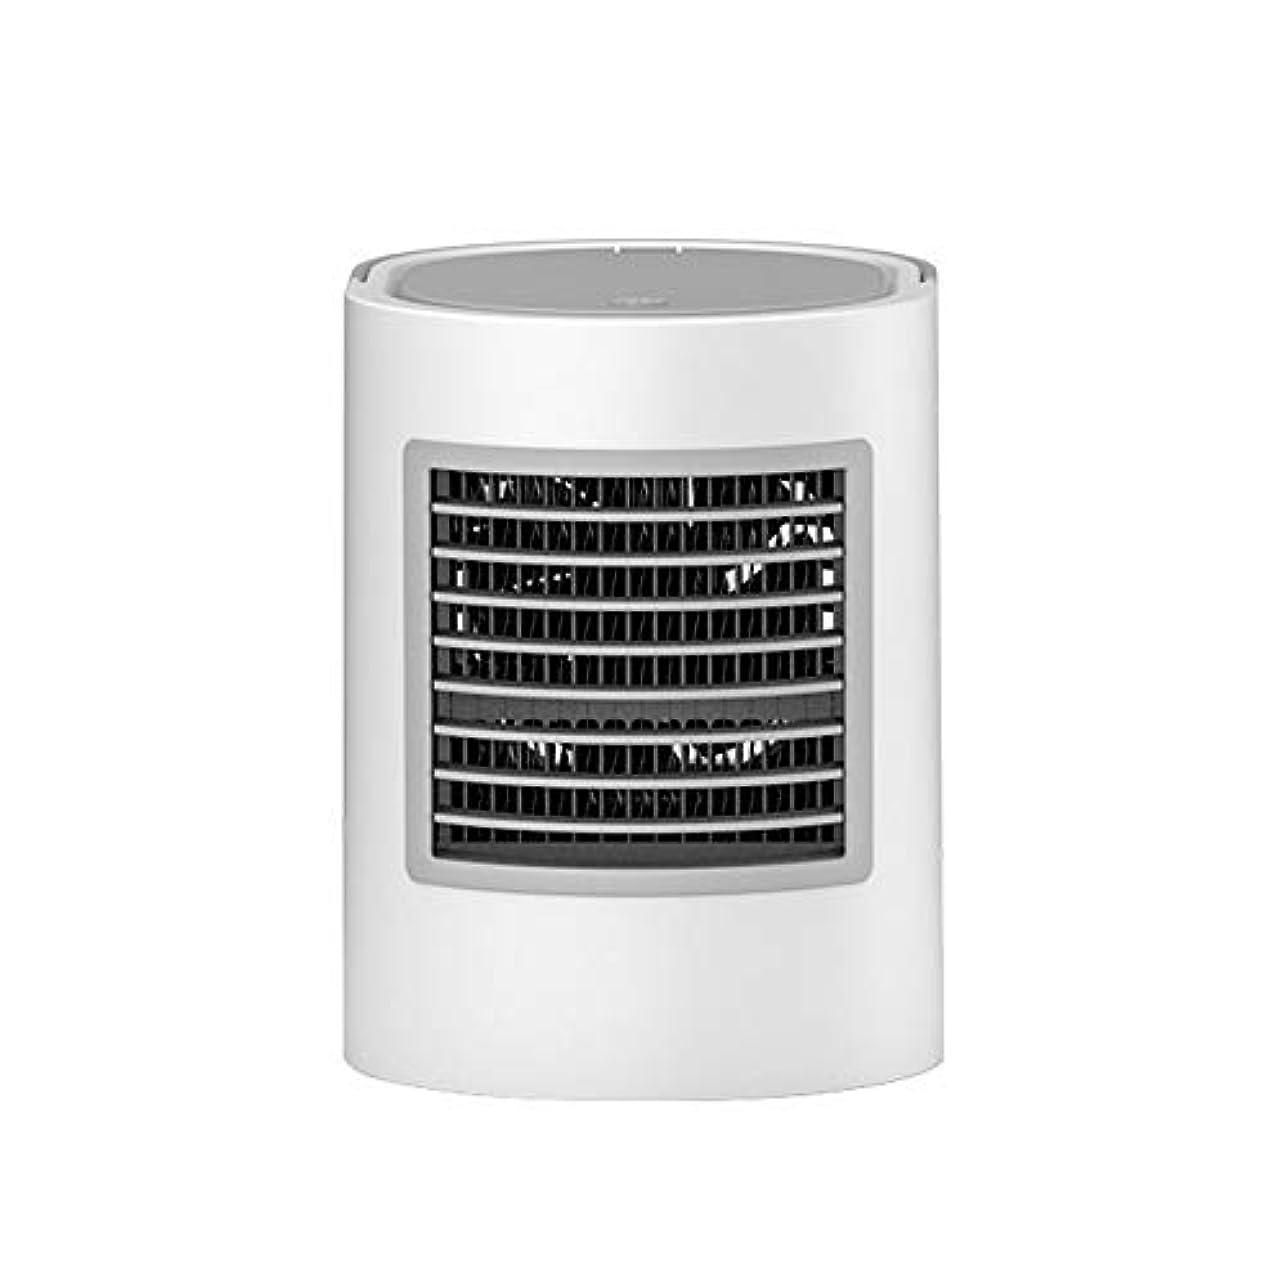 唇慢いとこYYSD パーソナルスペースエアコンクーラーデスクトップファンエアコンファンled照明ミニ空気循環器清浄機クーラー用ホームルームオフィス (Color : Gray)